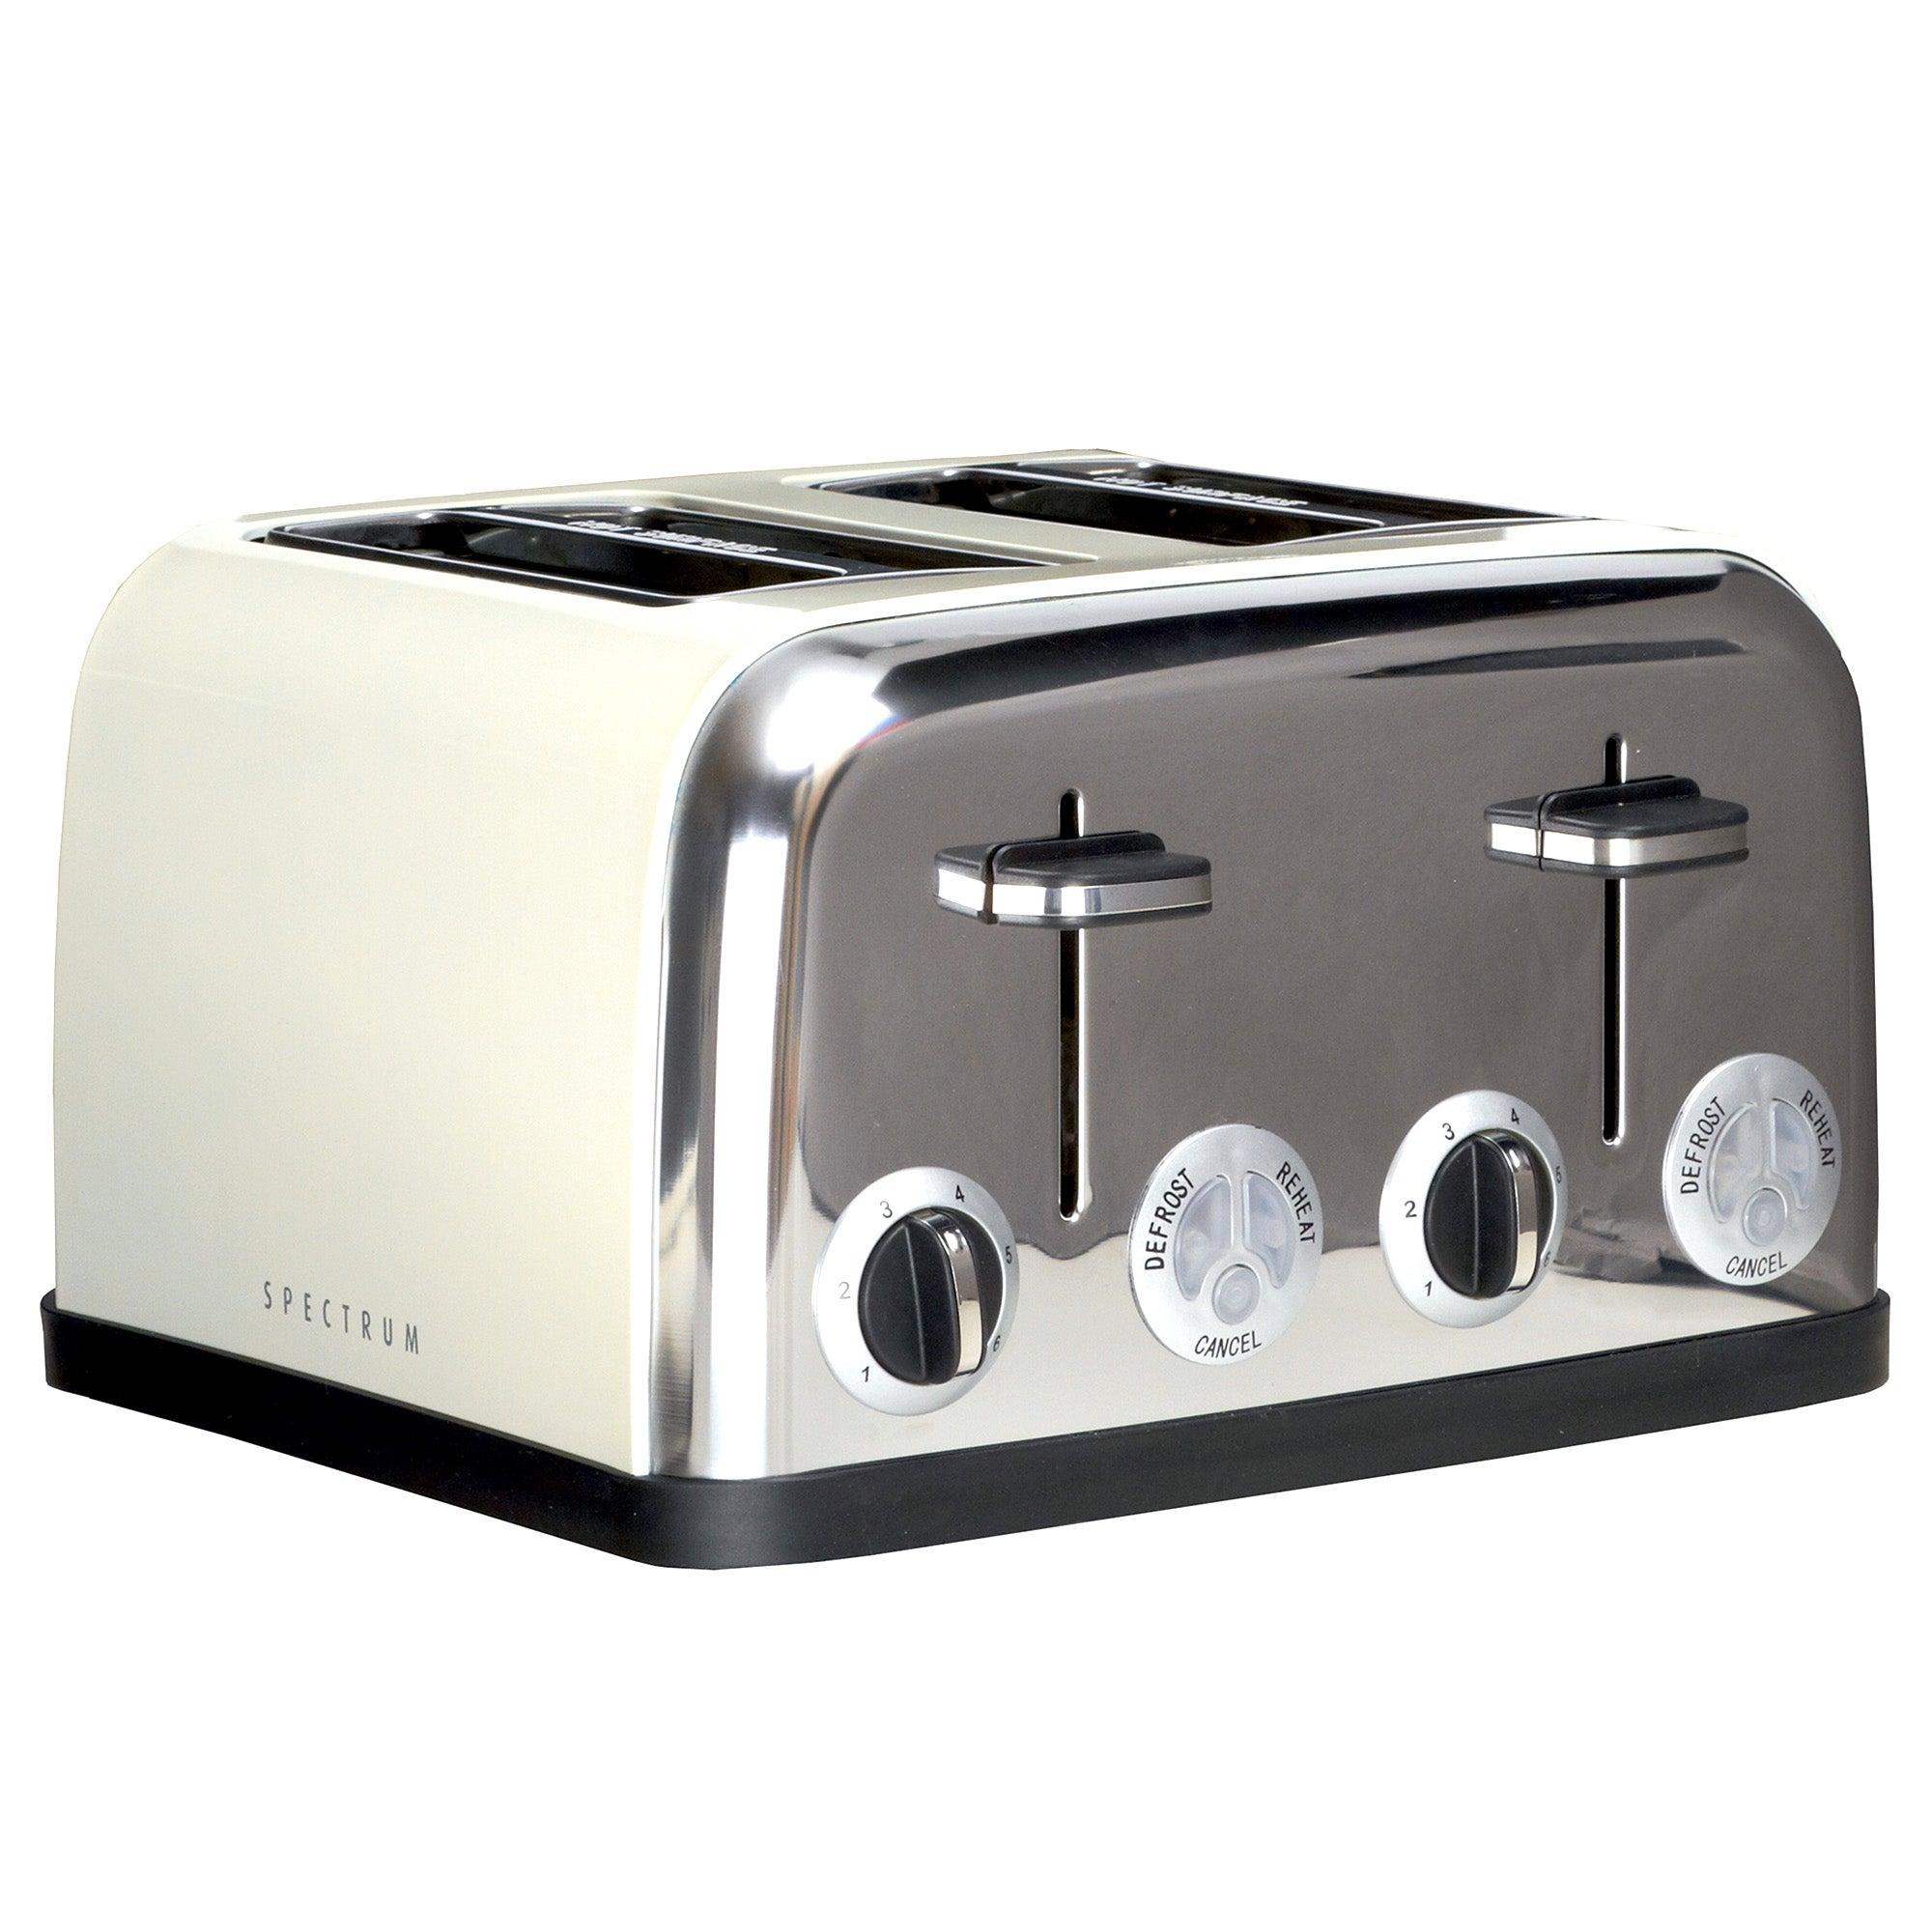 Cream Spectrum 4 Slice Toaster